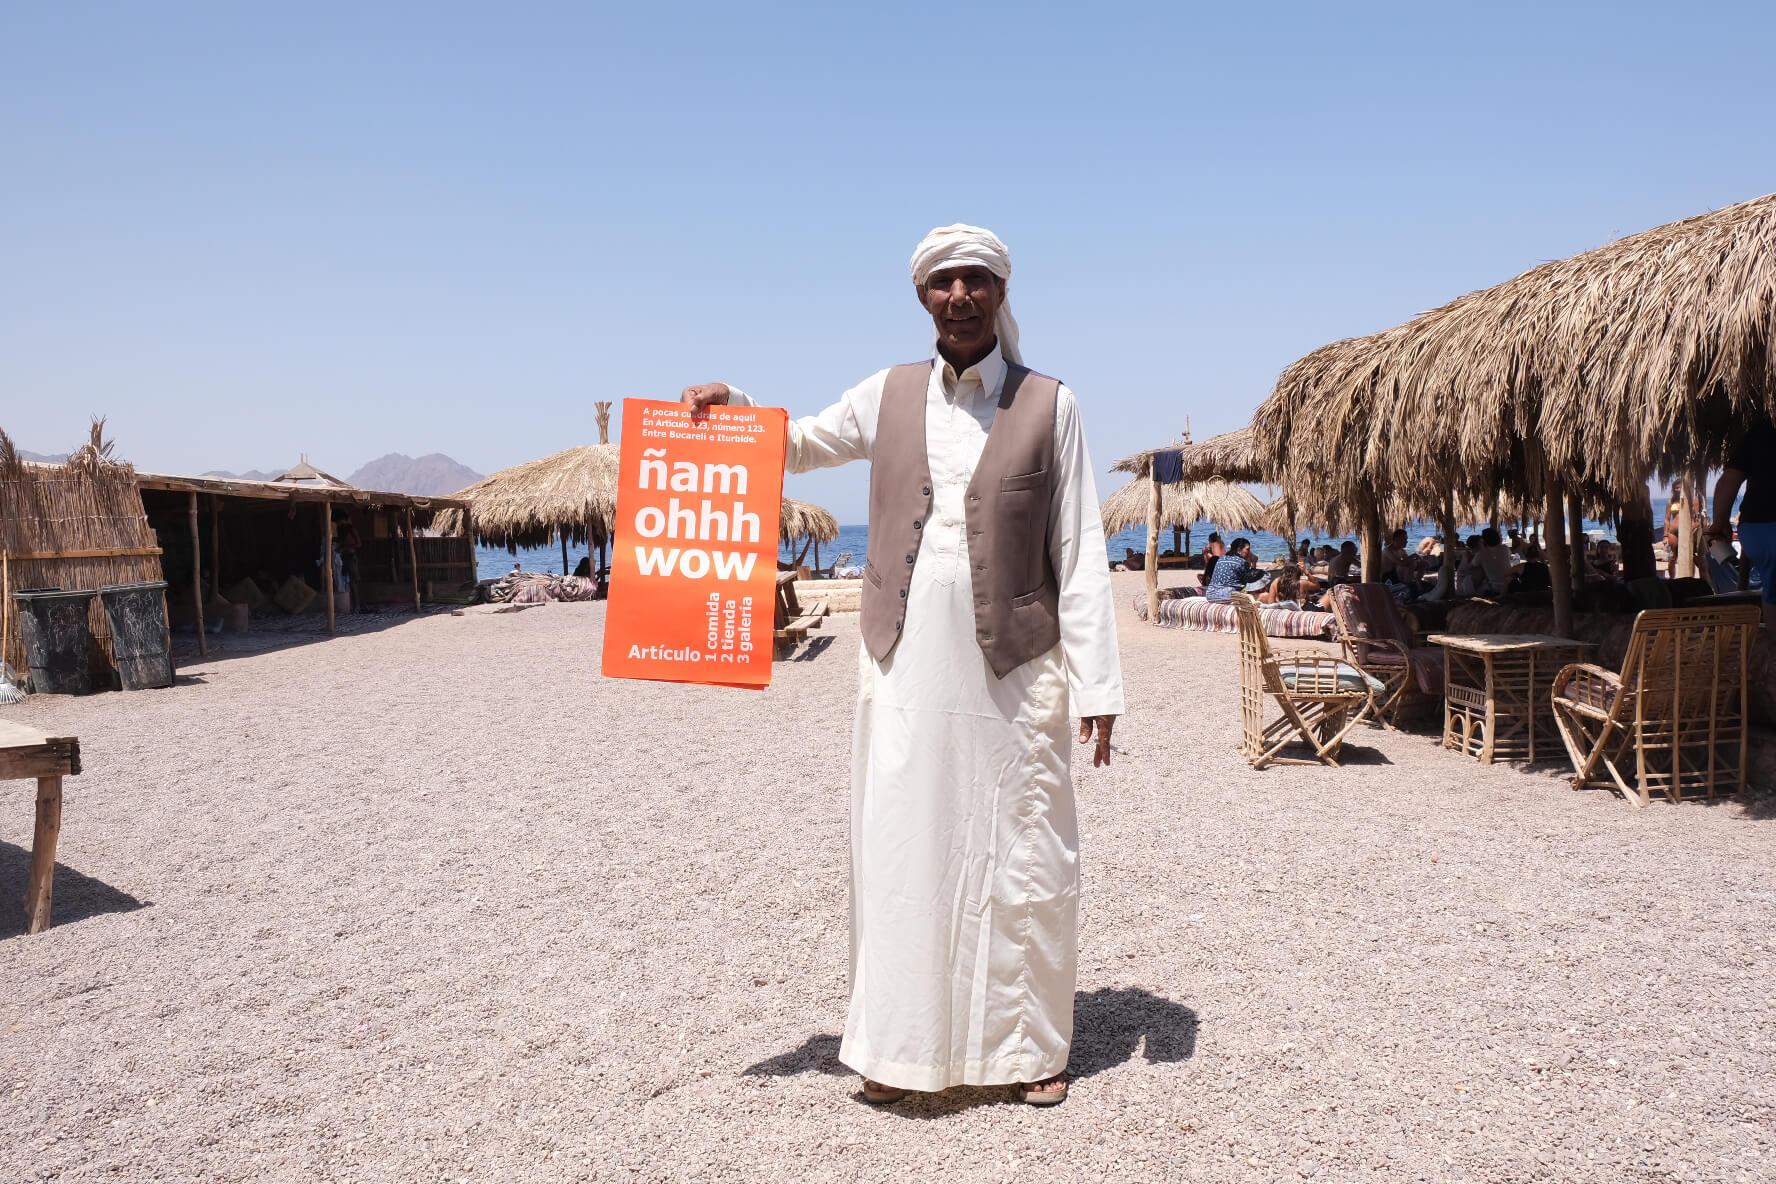 les posters fluos de l'identité articulo123, font le tour du monde, en passant par le maroc